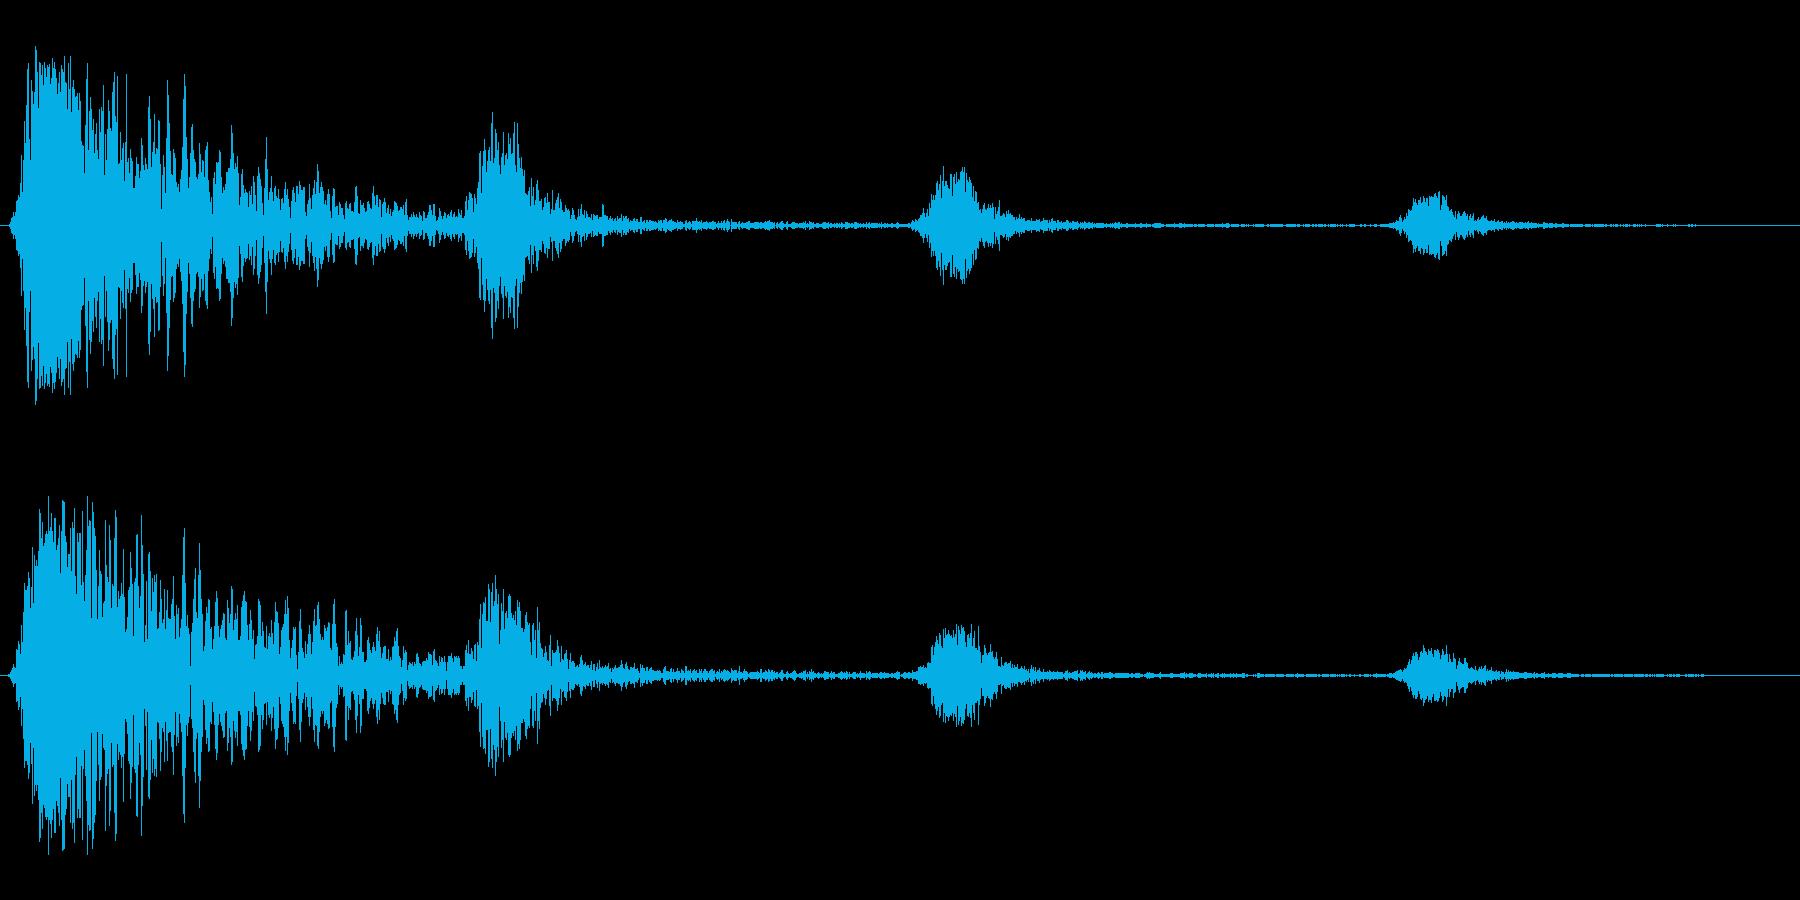 シュワンシュンシュン(回転音)の再生済みの波形